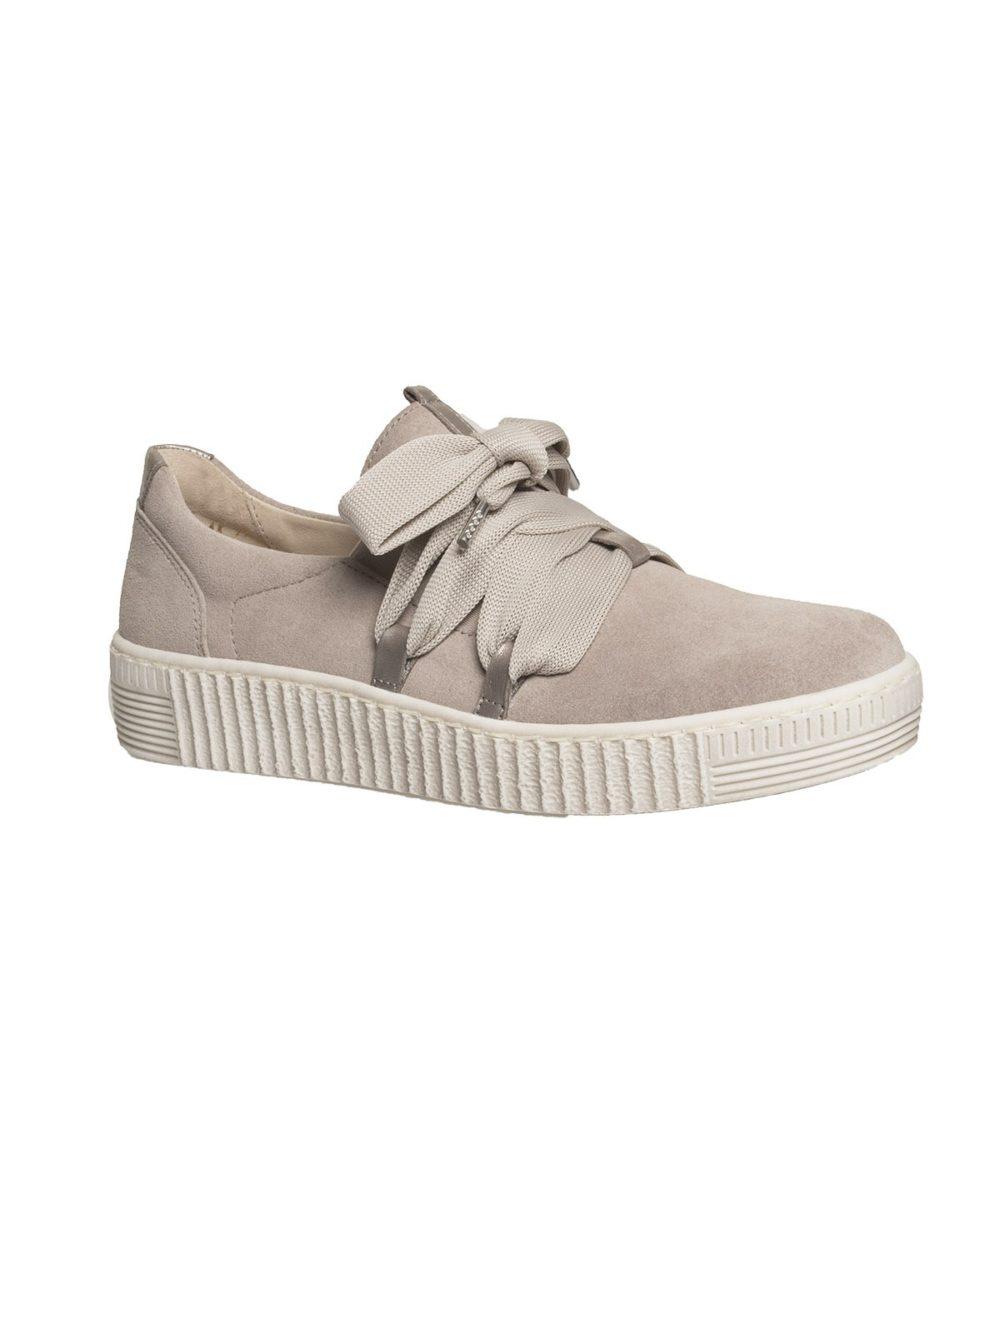 Waltz Shoe Gabor Shoes Katie Kerr Women's Shoes